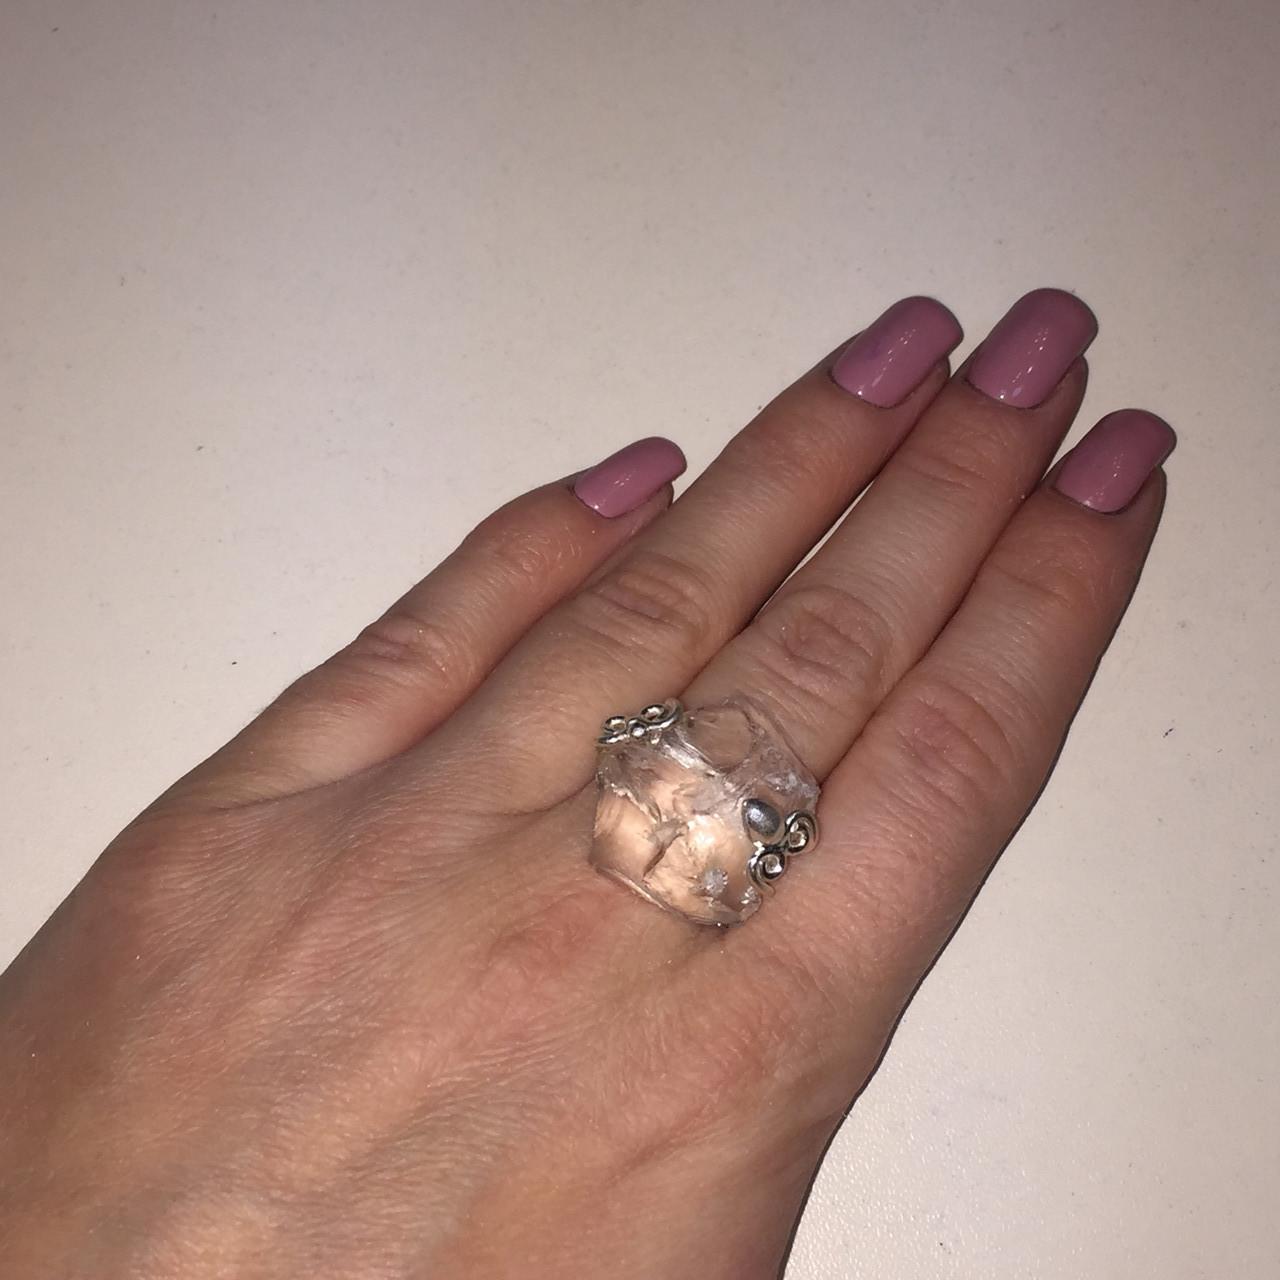 Горный хрусталь кольцо с необработанным горным хрусталем размер 19.2 Индия